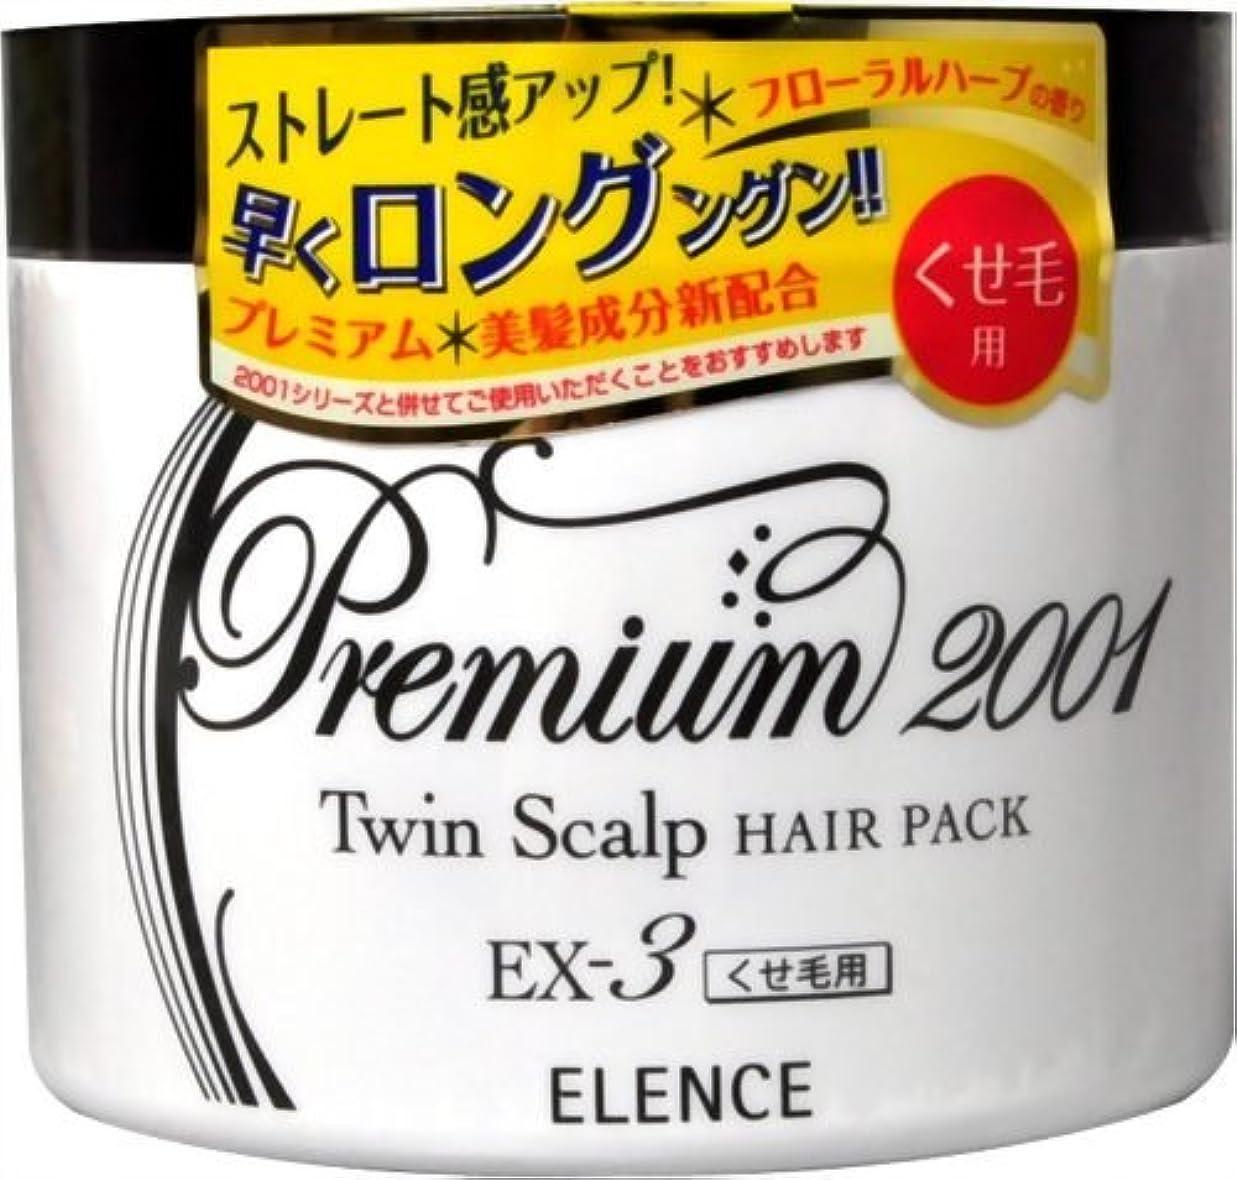 菊出演者容量エレンス2001 ツインスキャルプヘアパックEX-3(くせ毛用)